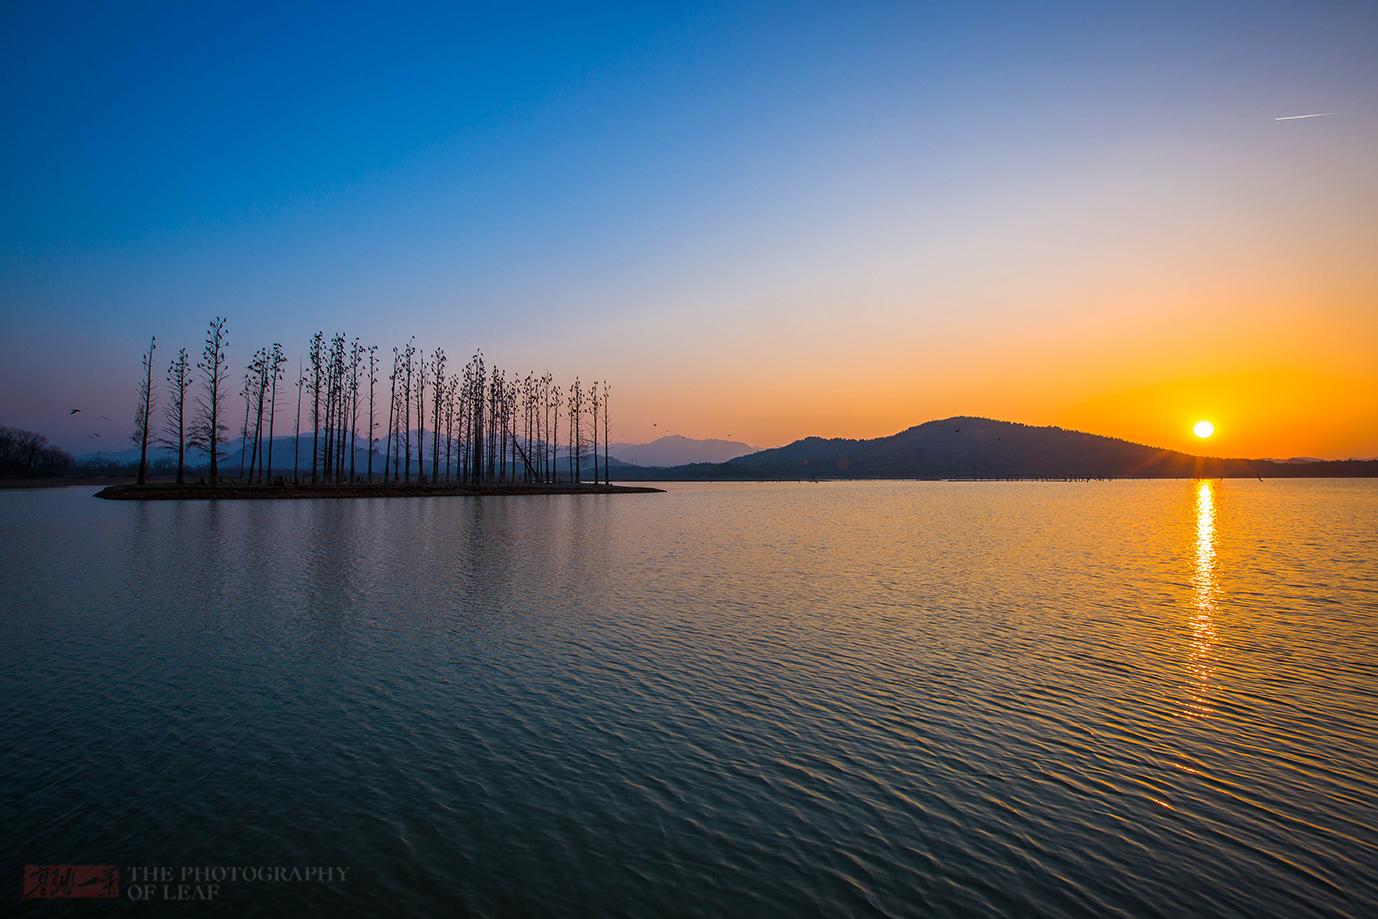 江苏、浙江、安徽三省交界处,竟有这么美的地方,很少有人知道